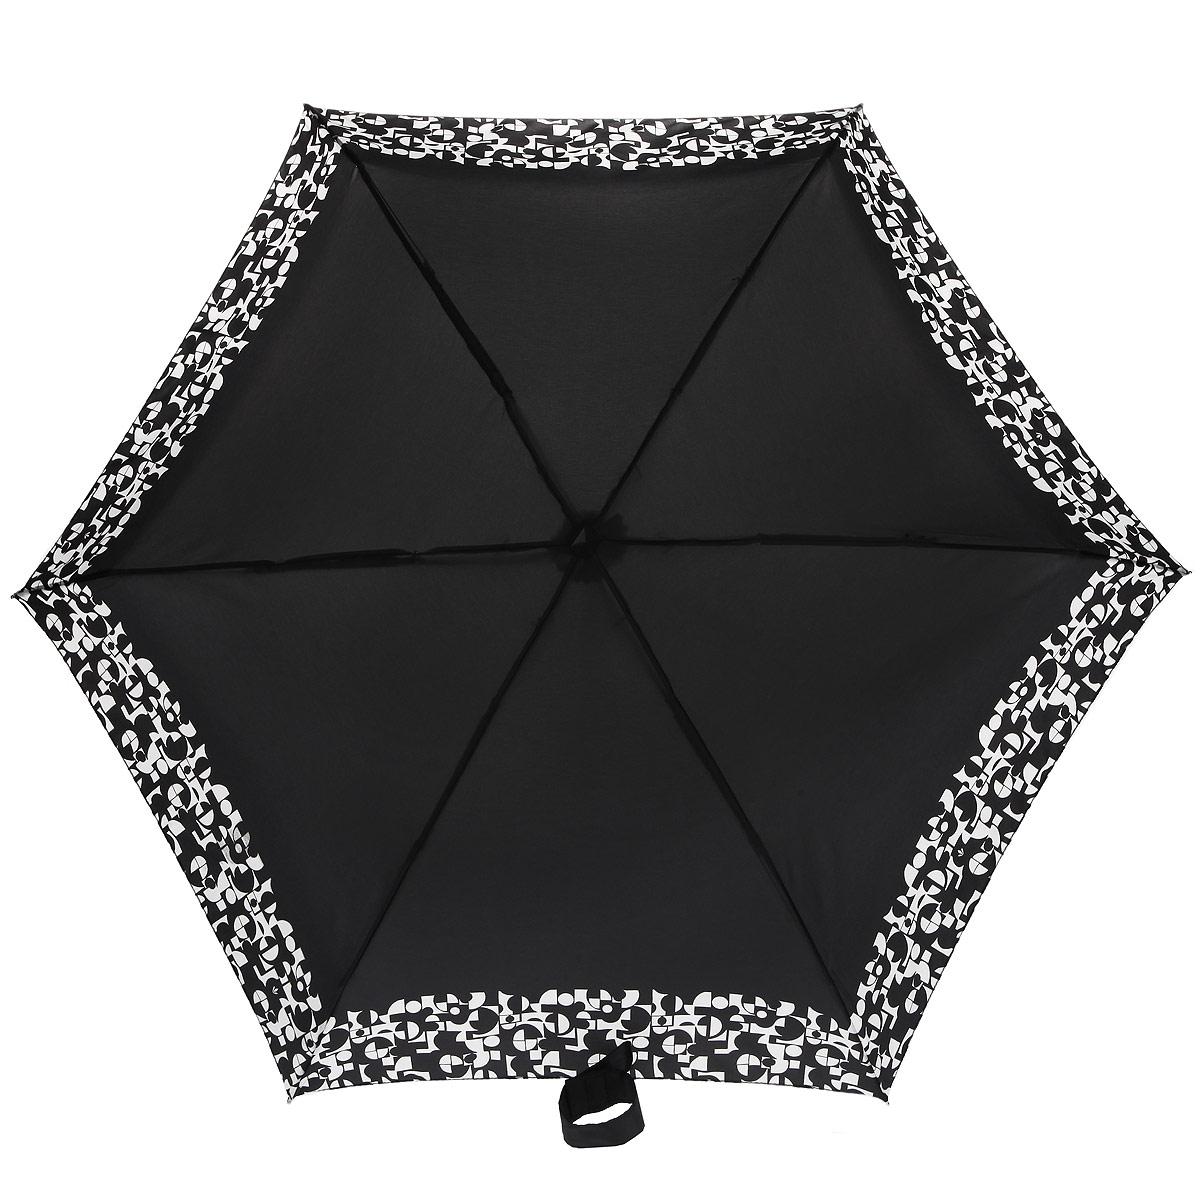 Зонт женский Fulton Tiny-2. Monochrome Mosaic, механический, 5 сложений, цвет: черный, белый. L501-2925Колье (короткие одноярусные бусы)Очаровательный механический зонт Tiny-2. Monochrome Mosaic в 5 сложений изготовлен из высокопрочных материалов. Каркас зонта состоит из 6 спиц и прочного алюминиевого стержня. Купол зонта выполнен из прочного полиэстера с водоотталкивающей пропиткой и оформлен оригинальным принтом. Рукоятка изготовлена из пластика.Зонт имеет механический механизм сложения: купол открывается и закрывается вручную до характерного щелчка.Небольшой шнурок, расположенный на рукоятке, позволяет надеть изделие на руку при необходимости. Модель закрывается при помощи хлястика на застежку-липучку. К зонту прилагается чехол.Прелестный зонт не только выручит вас в ненастную погоду, но и станет стильным аксессуаром, прекрасно дополнит ваш модный образ. Необыкновенно компактный зонт с легкостью поместится в маленькую сумочку.